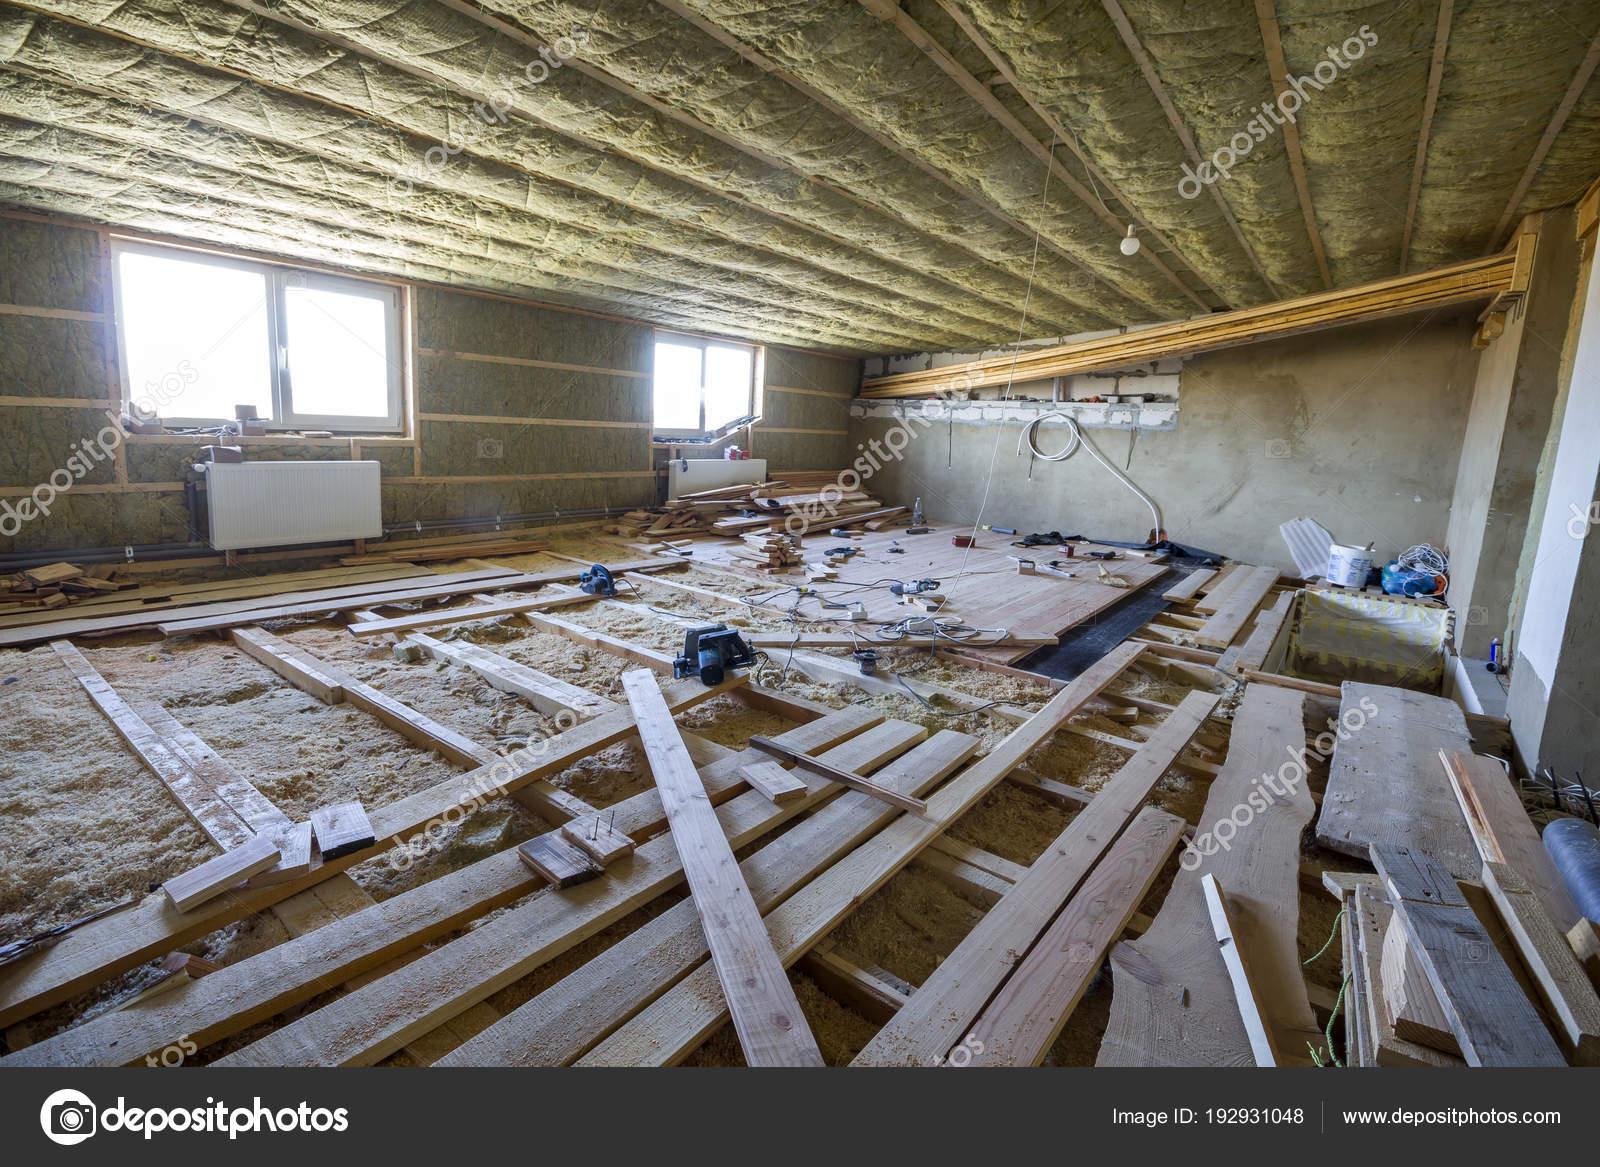 Welcher Fußboden Im Dachboden ~ Große geräumige helle dachboden zimmer im bau und renovierung